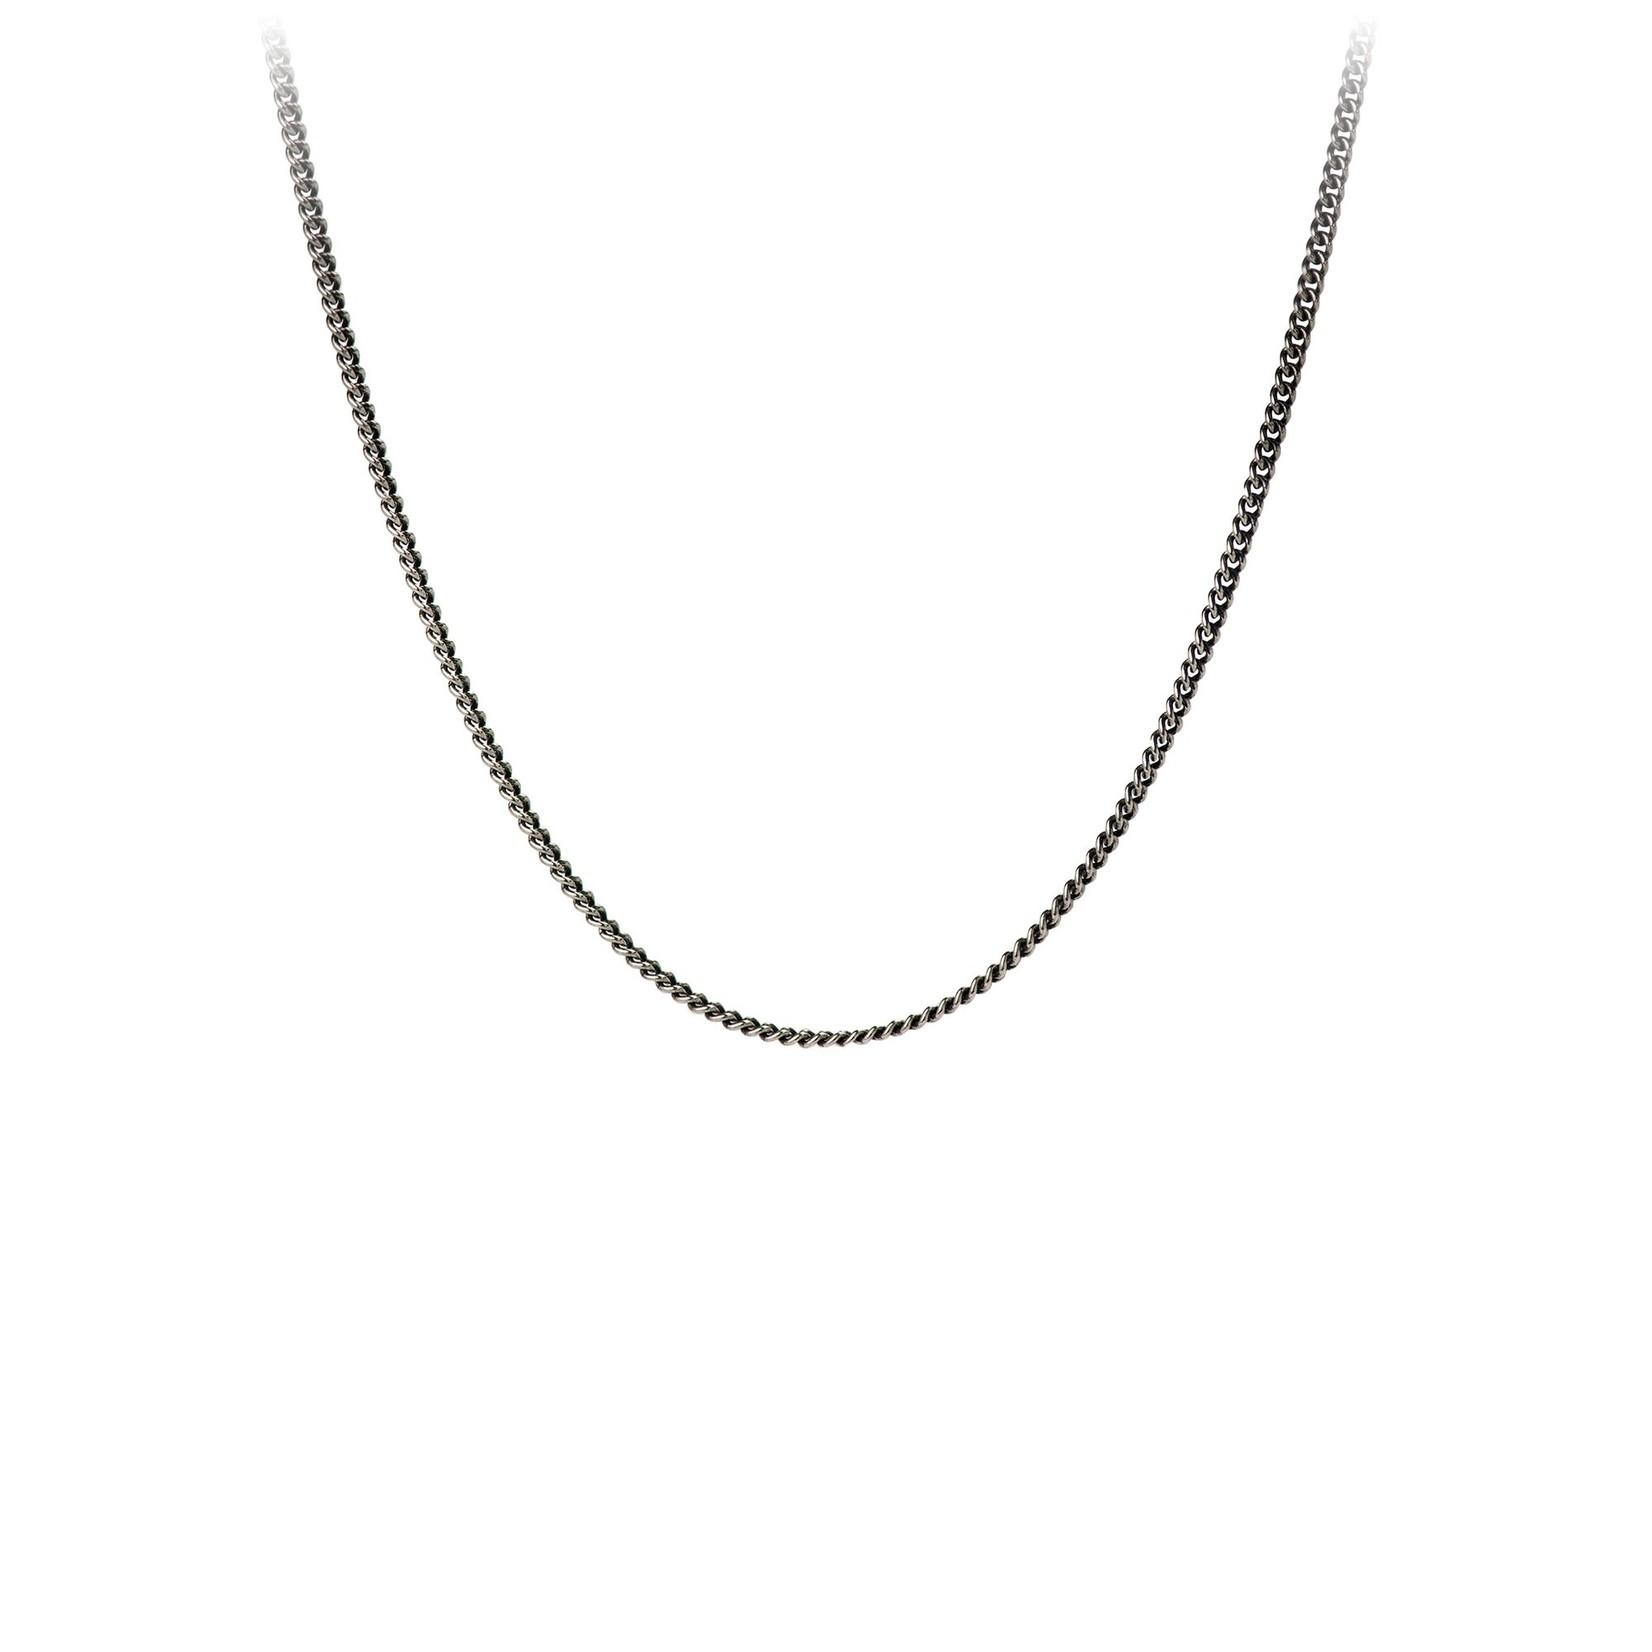 Pyrrha Oxidized Sterling Silver Fine Curb Chain